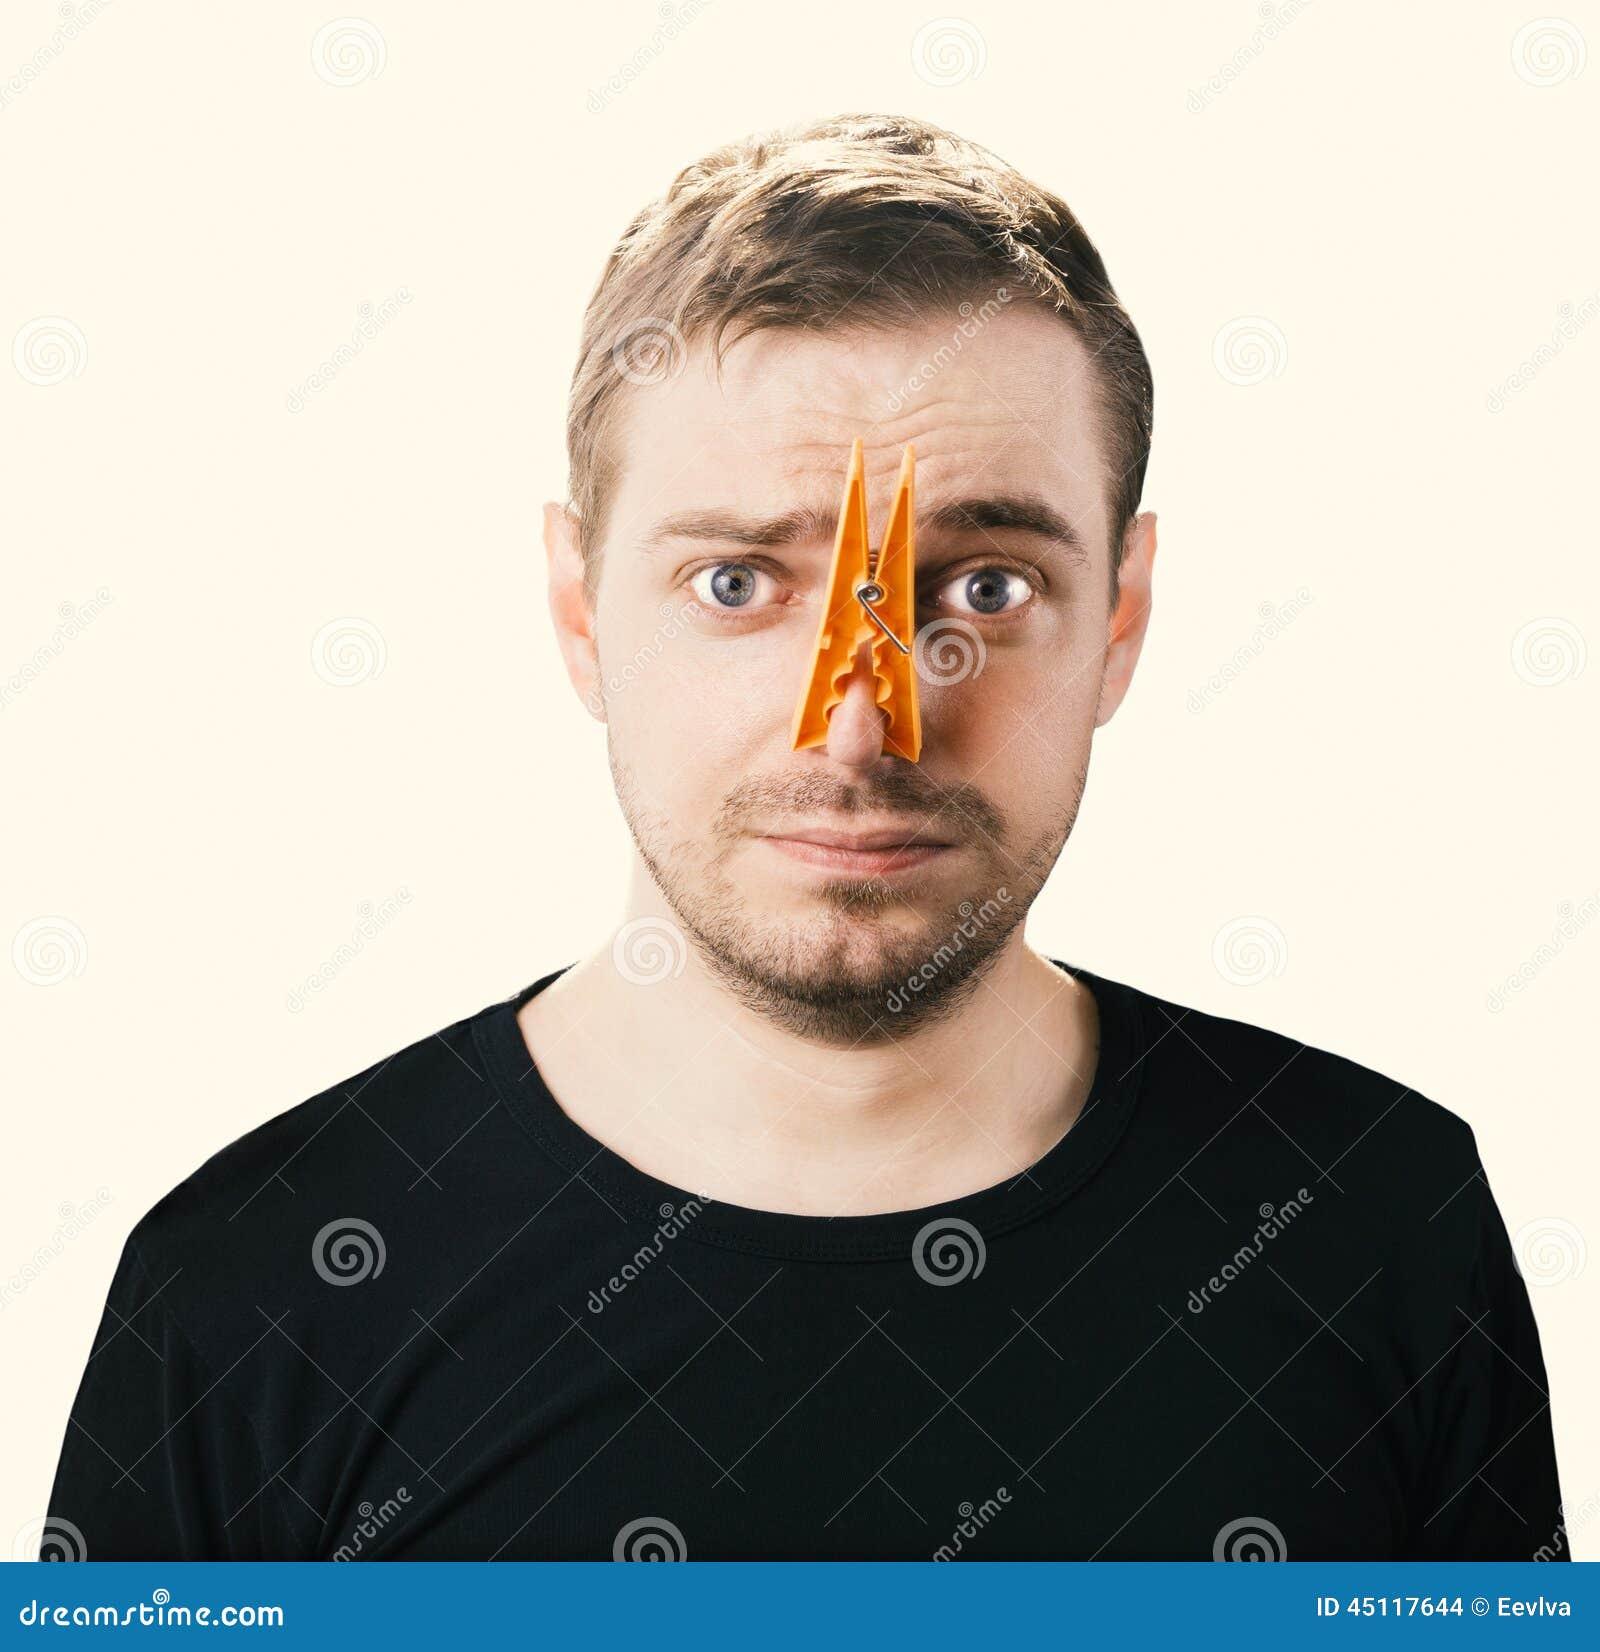 Fotografia di concetto del cattivo odore Immagine tonificata